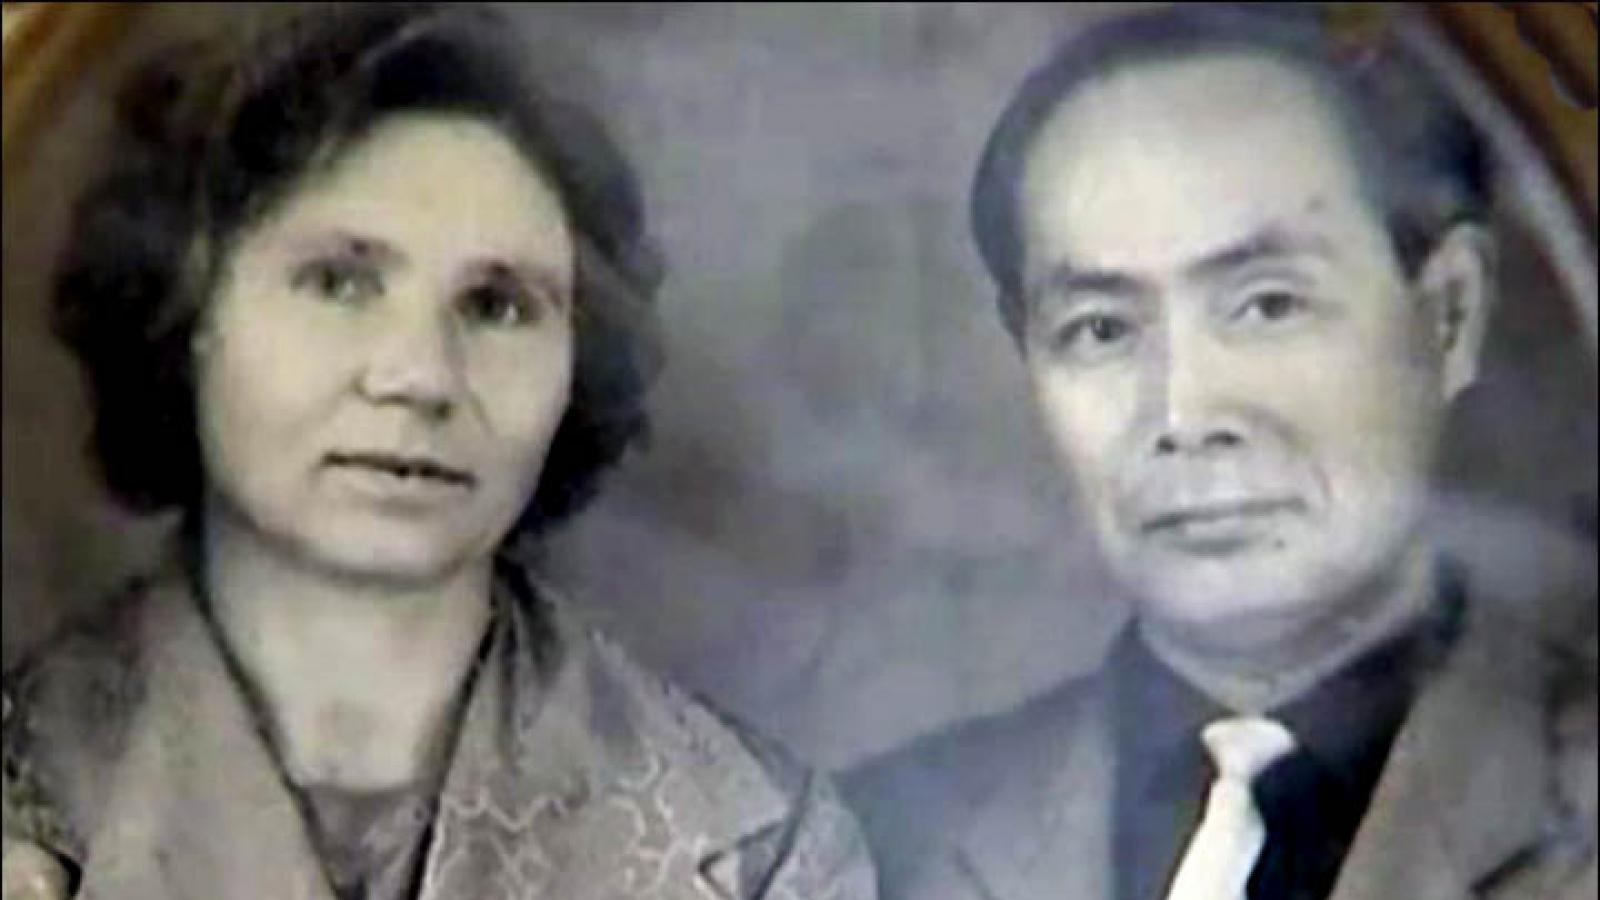 Chuyện tình xúc động, éo le giữa một phụ nữ Nga và tù nhân Nhật Bản